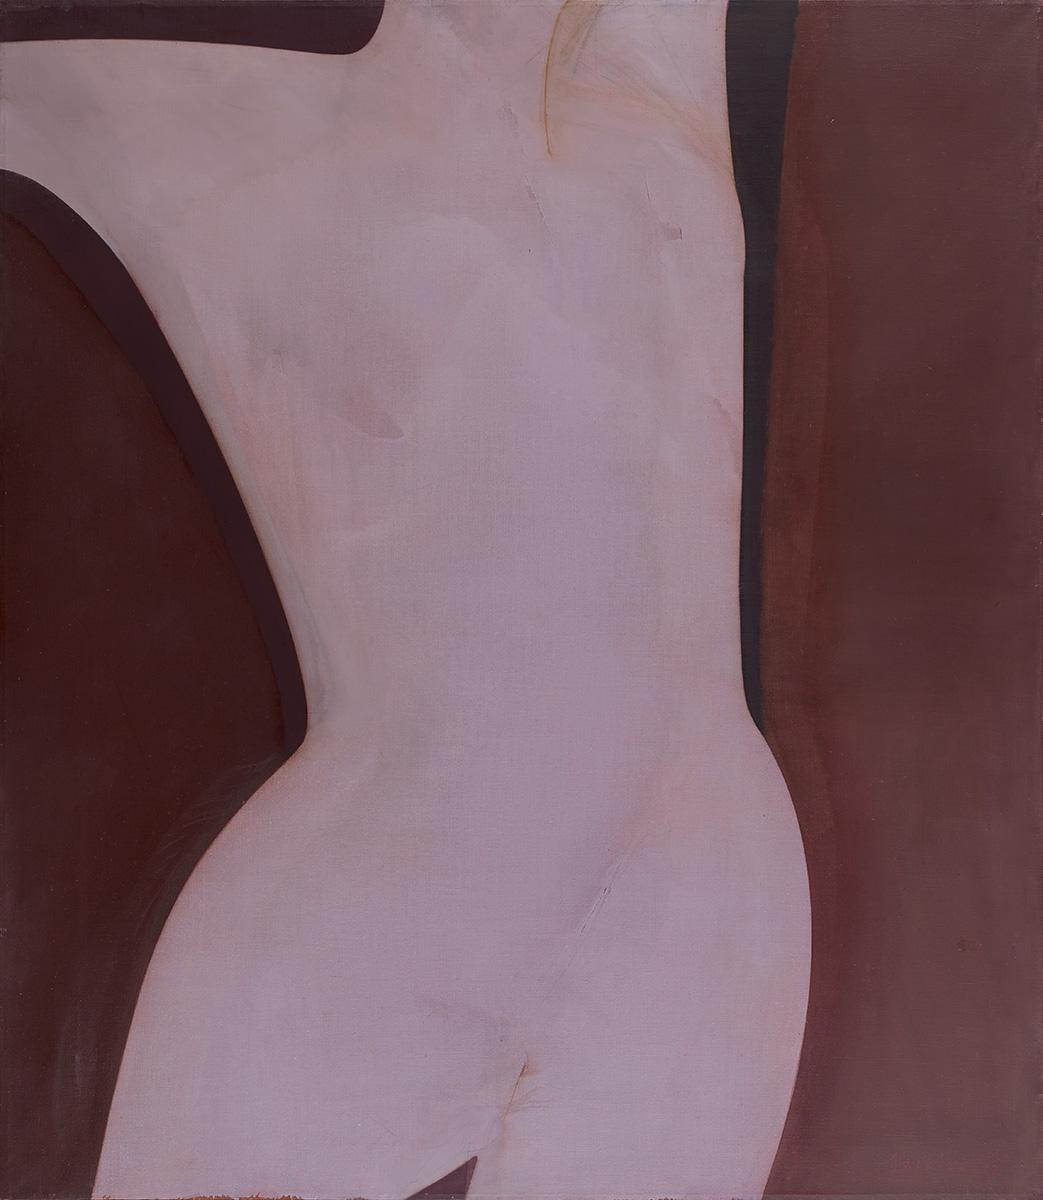 Obraz XII, 1994